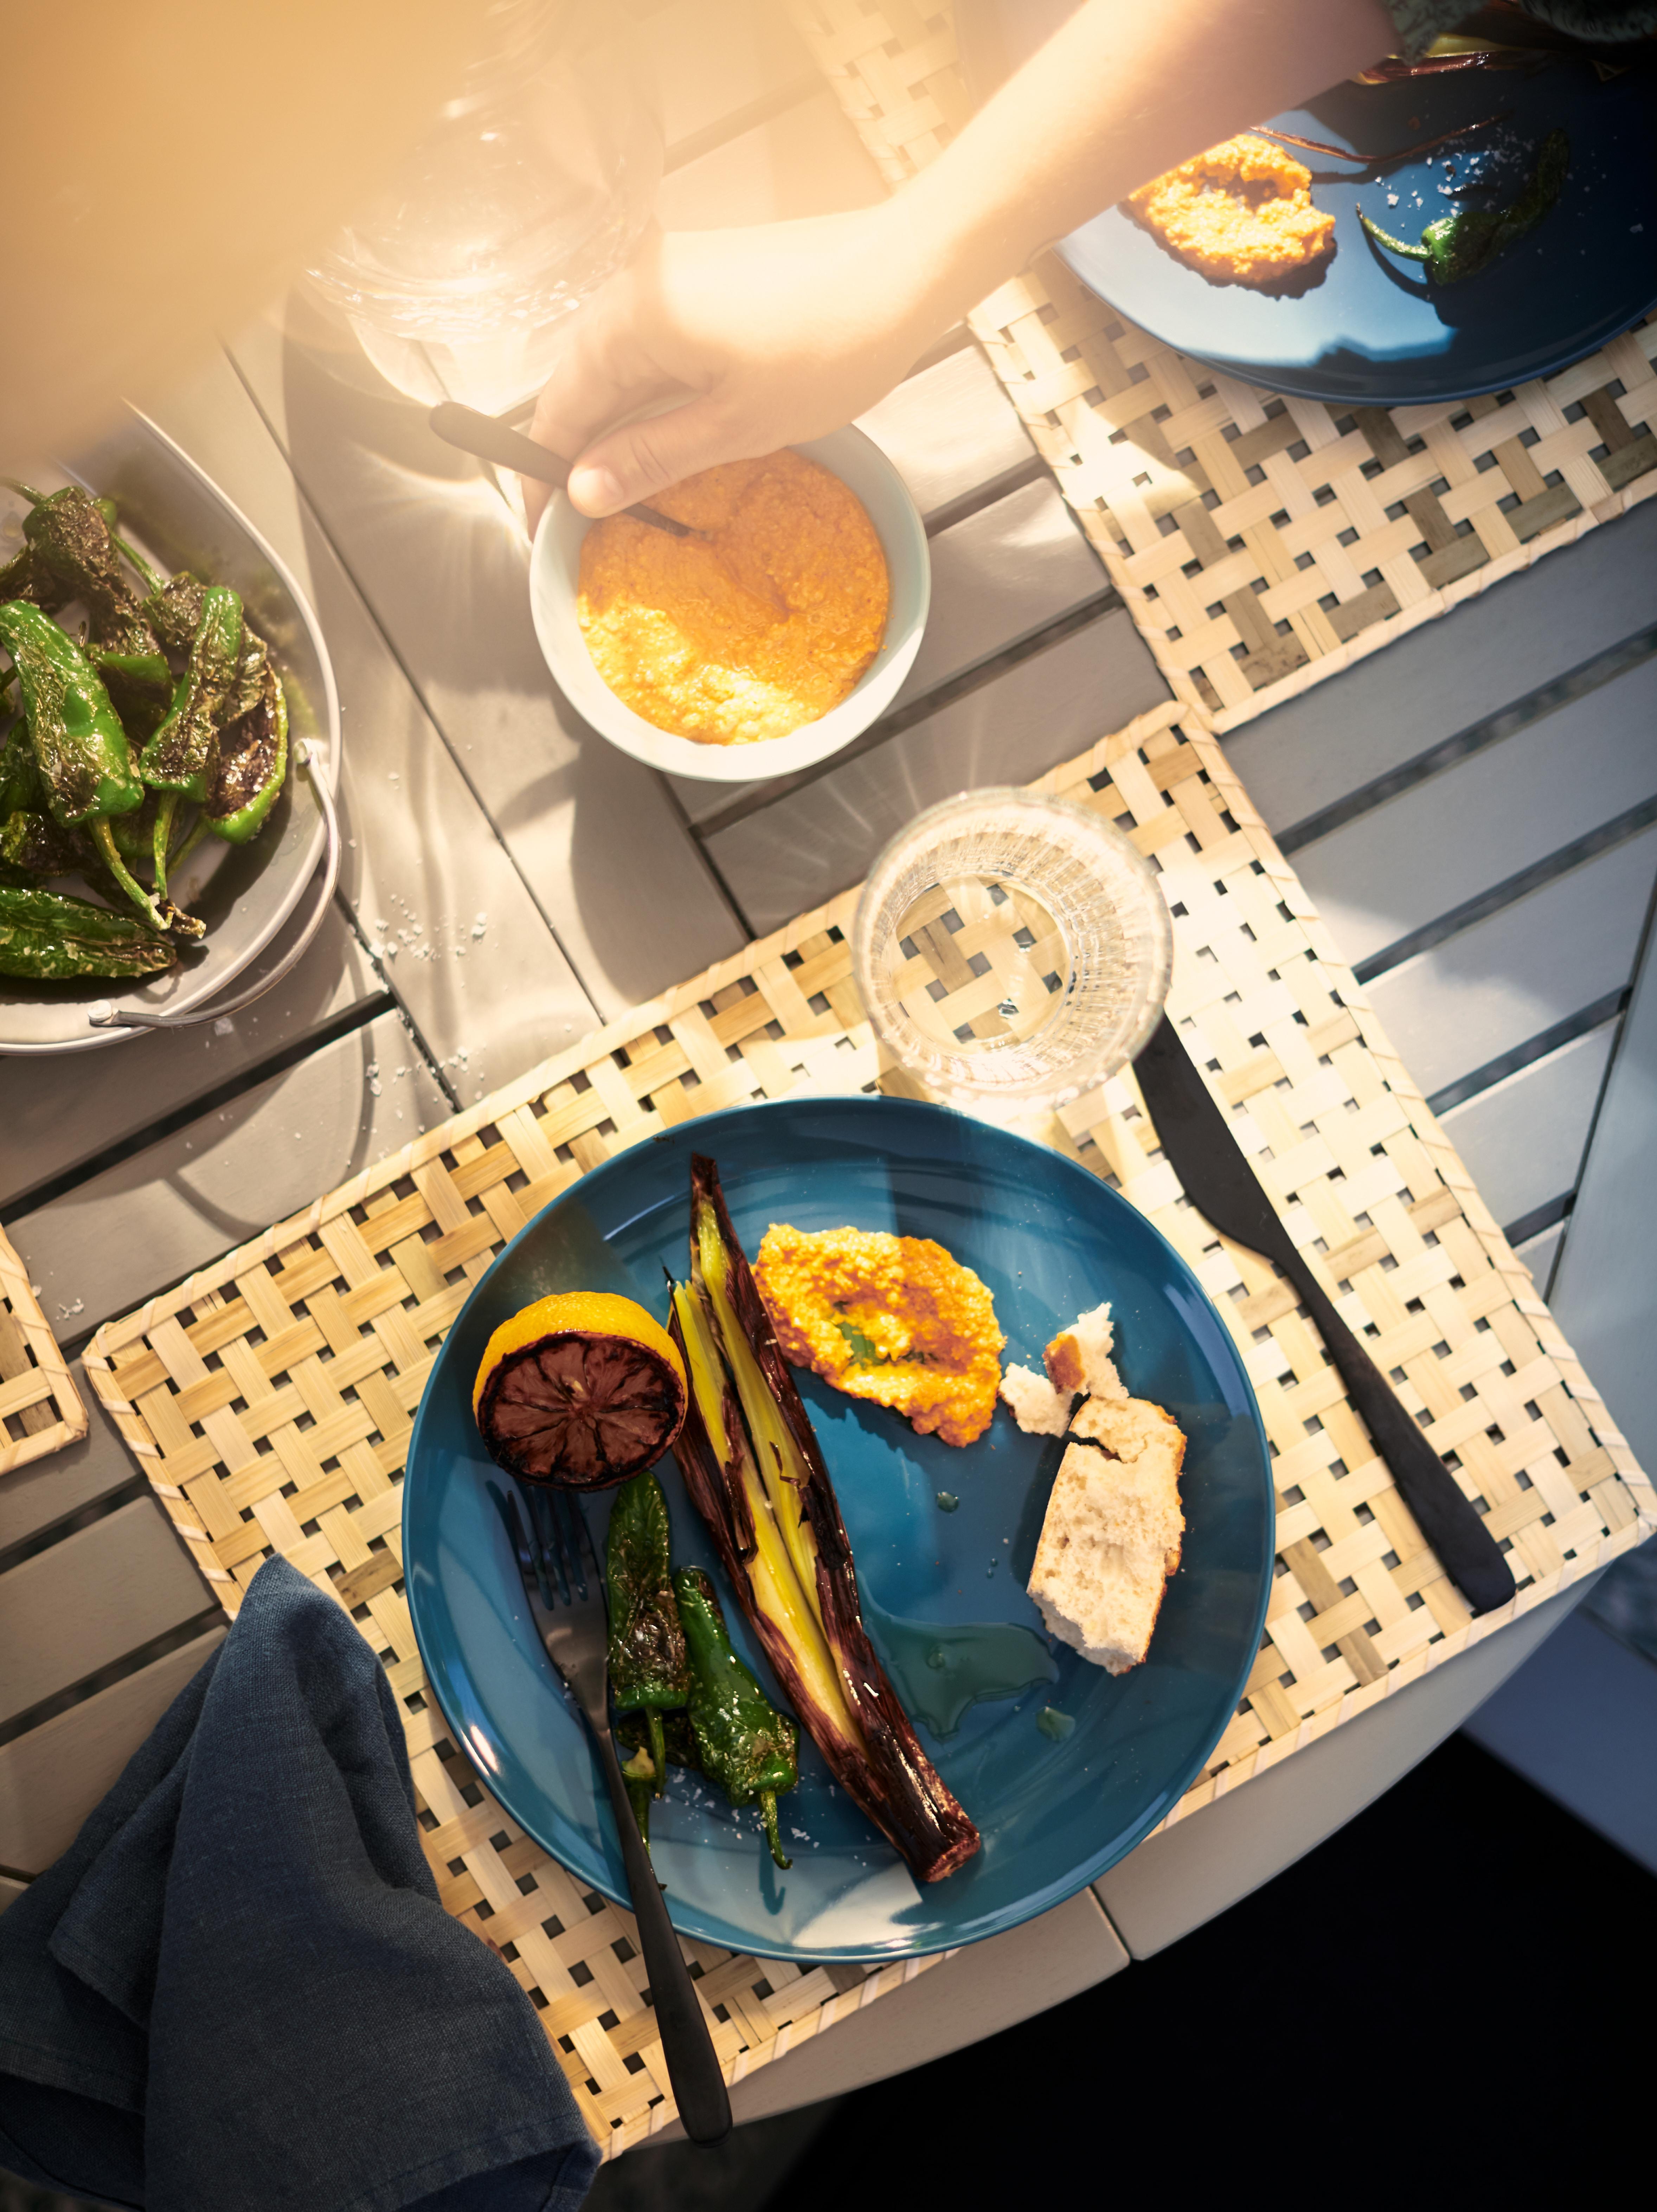 Pogled iz ptičje perspektive na vanjski blagovaonski stol s večerom na plavim FÄRGKLAR tanjurima i podmetačima od prirodnih vlakana.